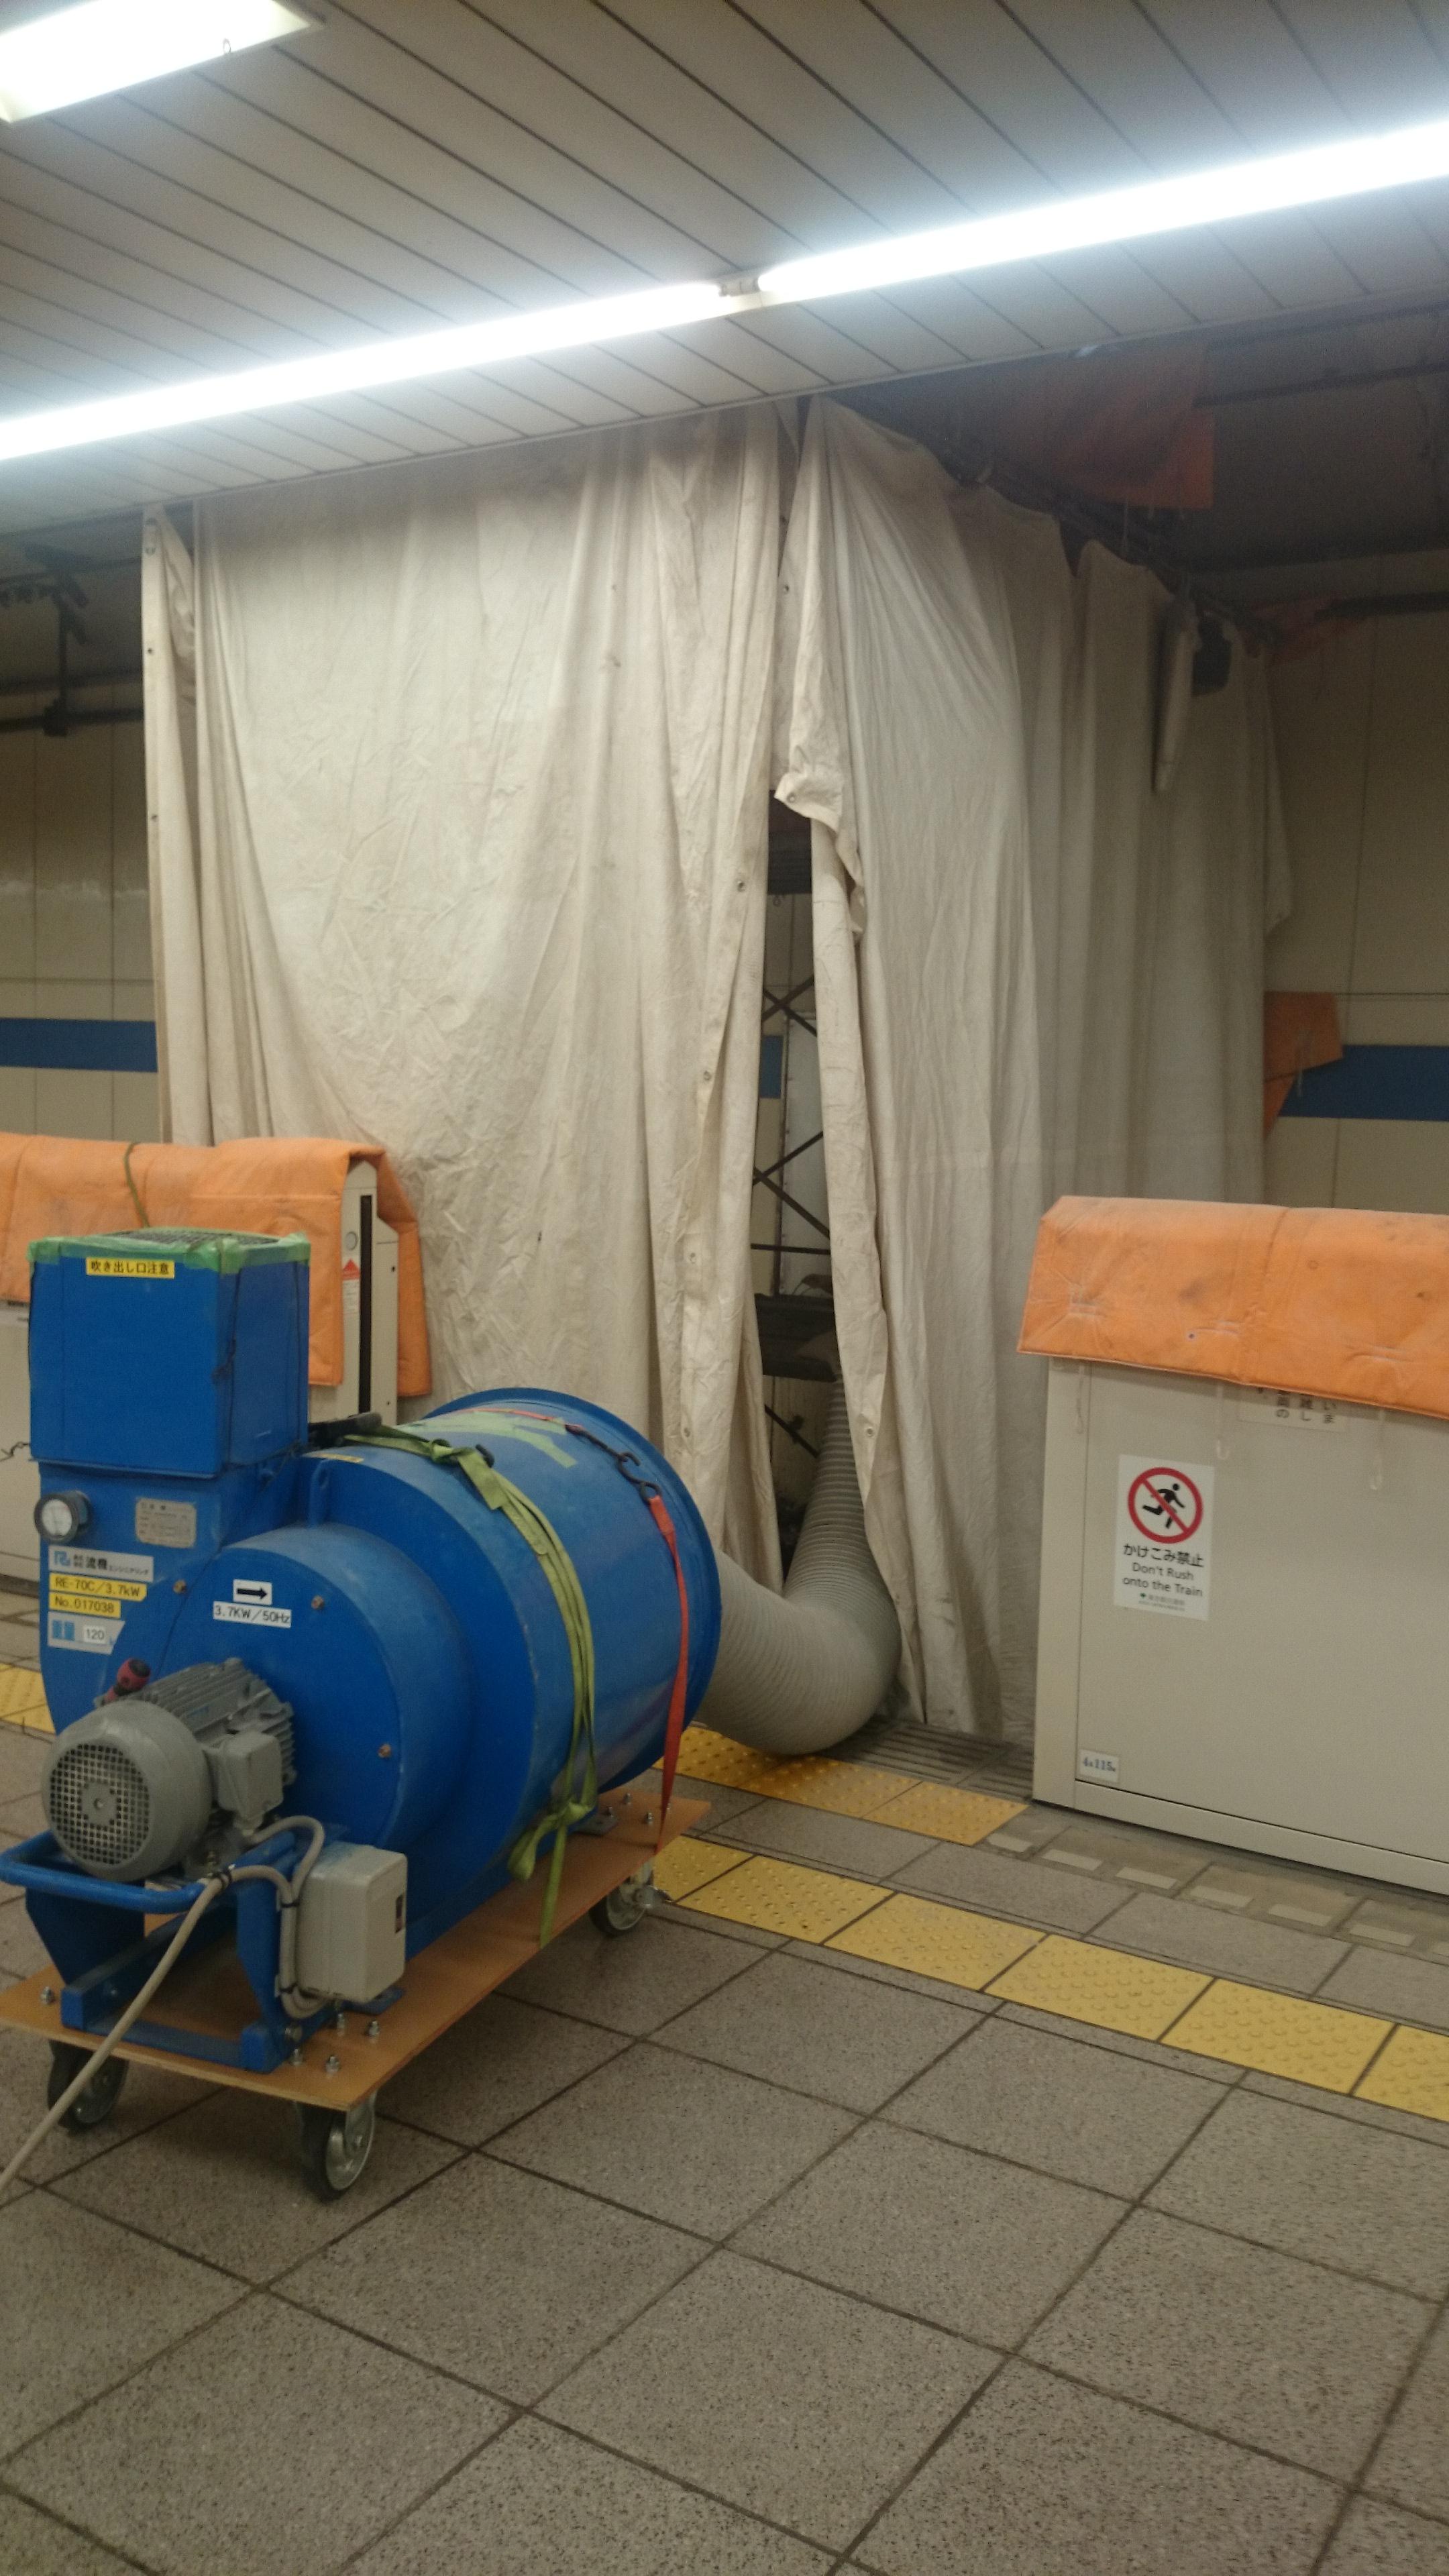 活線地下鉄トンネルメンテナンスのコンクリート斫り粉じん飛散防止システム